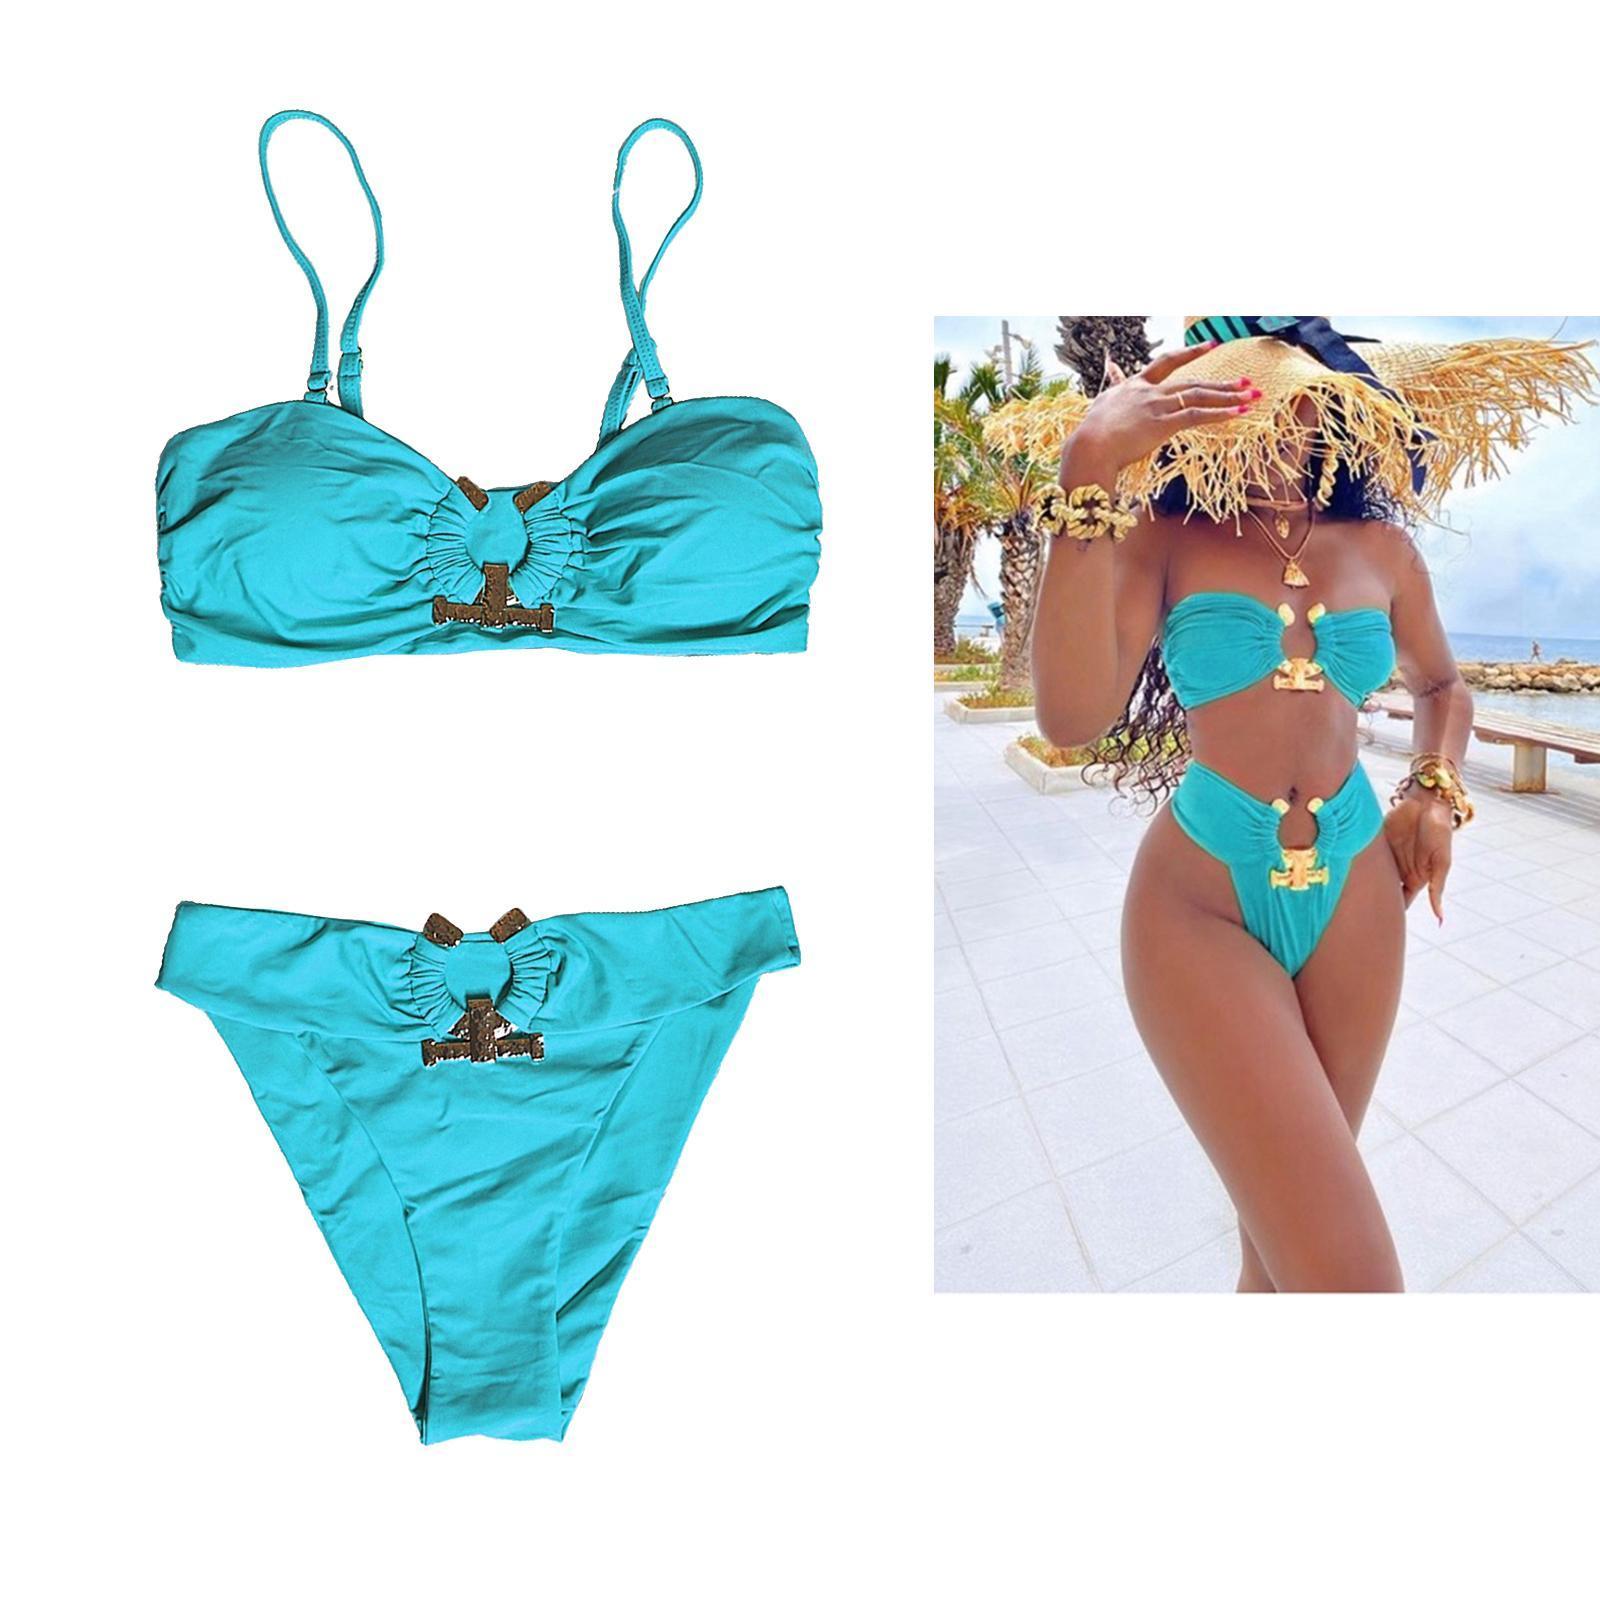 Indexbild 133 - Zwei Stücke Bikini Set Strappy Bademode Party Badeanzug Tankini Bademode